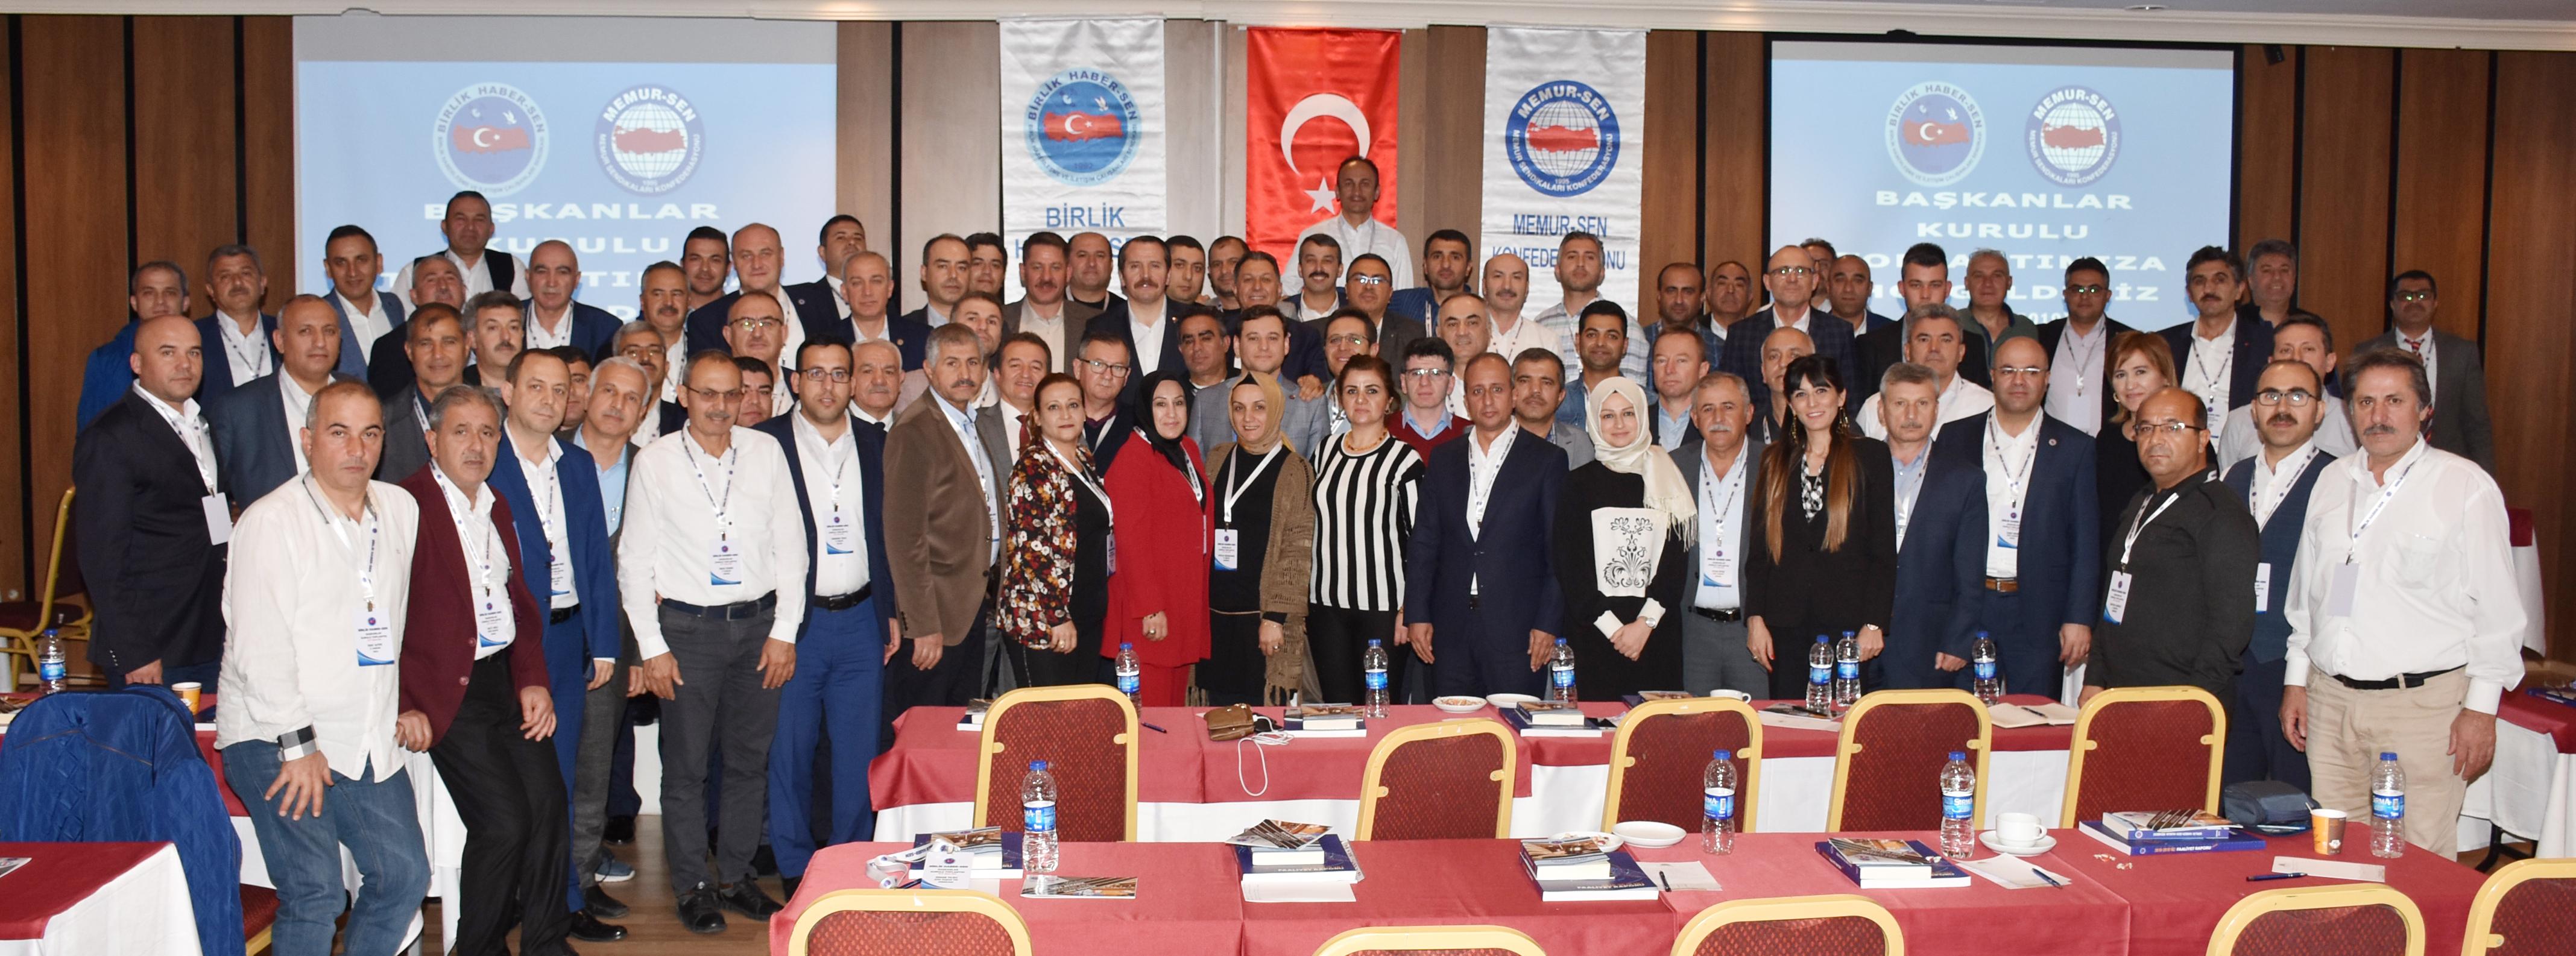 Başkanlar Kurulu Toplantımız Ankara'da Gerçekleşti